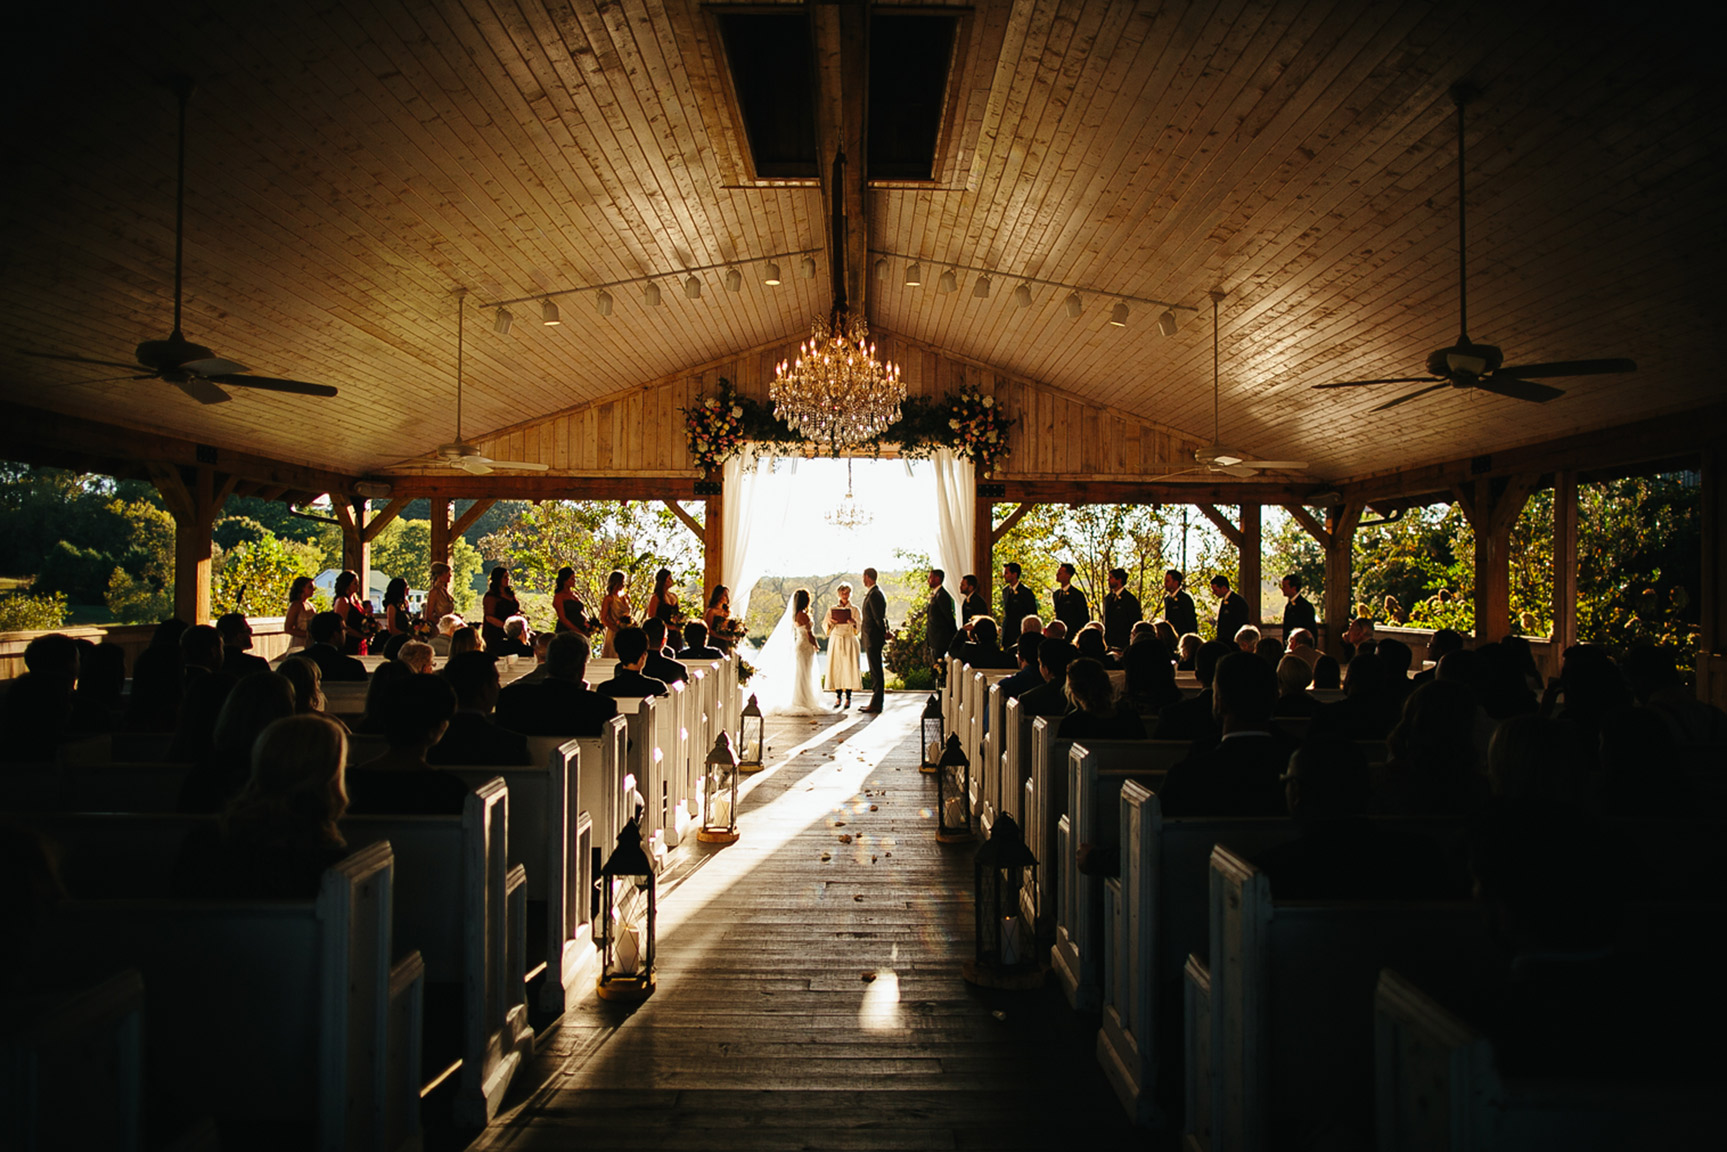 Nashville_WeddingPhotographer_024.jpg